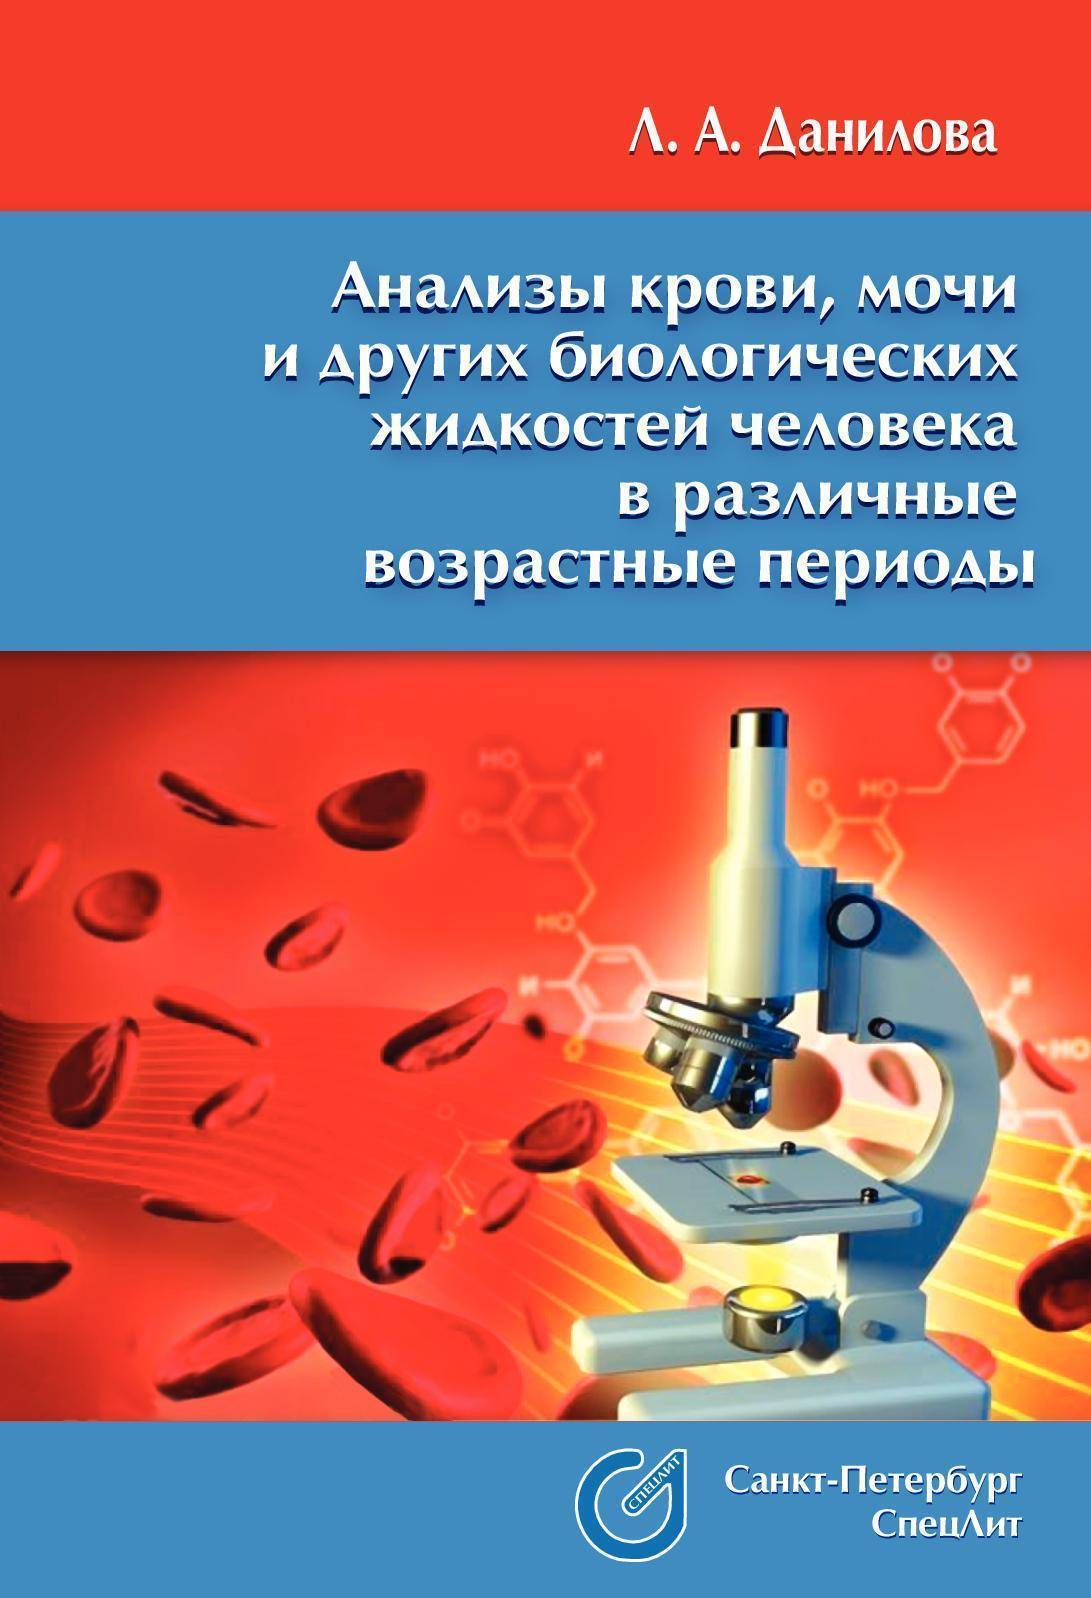 Галактоземия - наш случай - запись пользователя кисик (ekavik) в дневнике - babyblog.ru